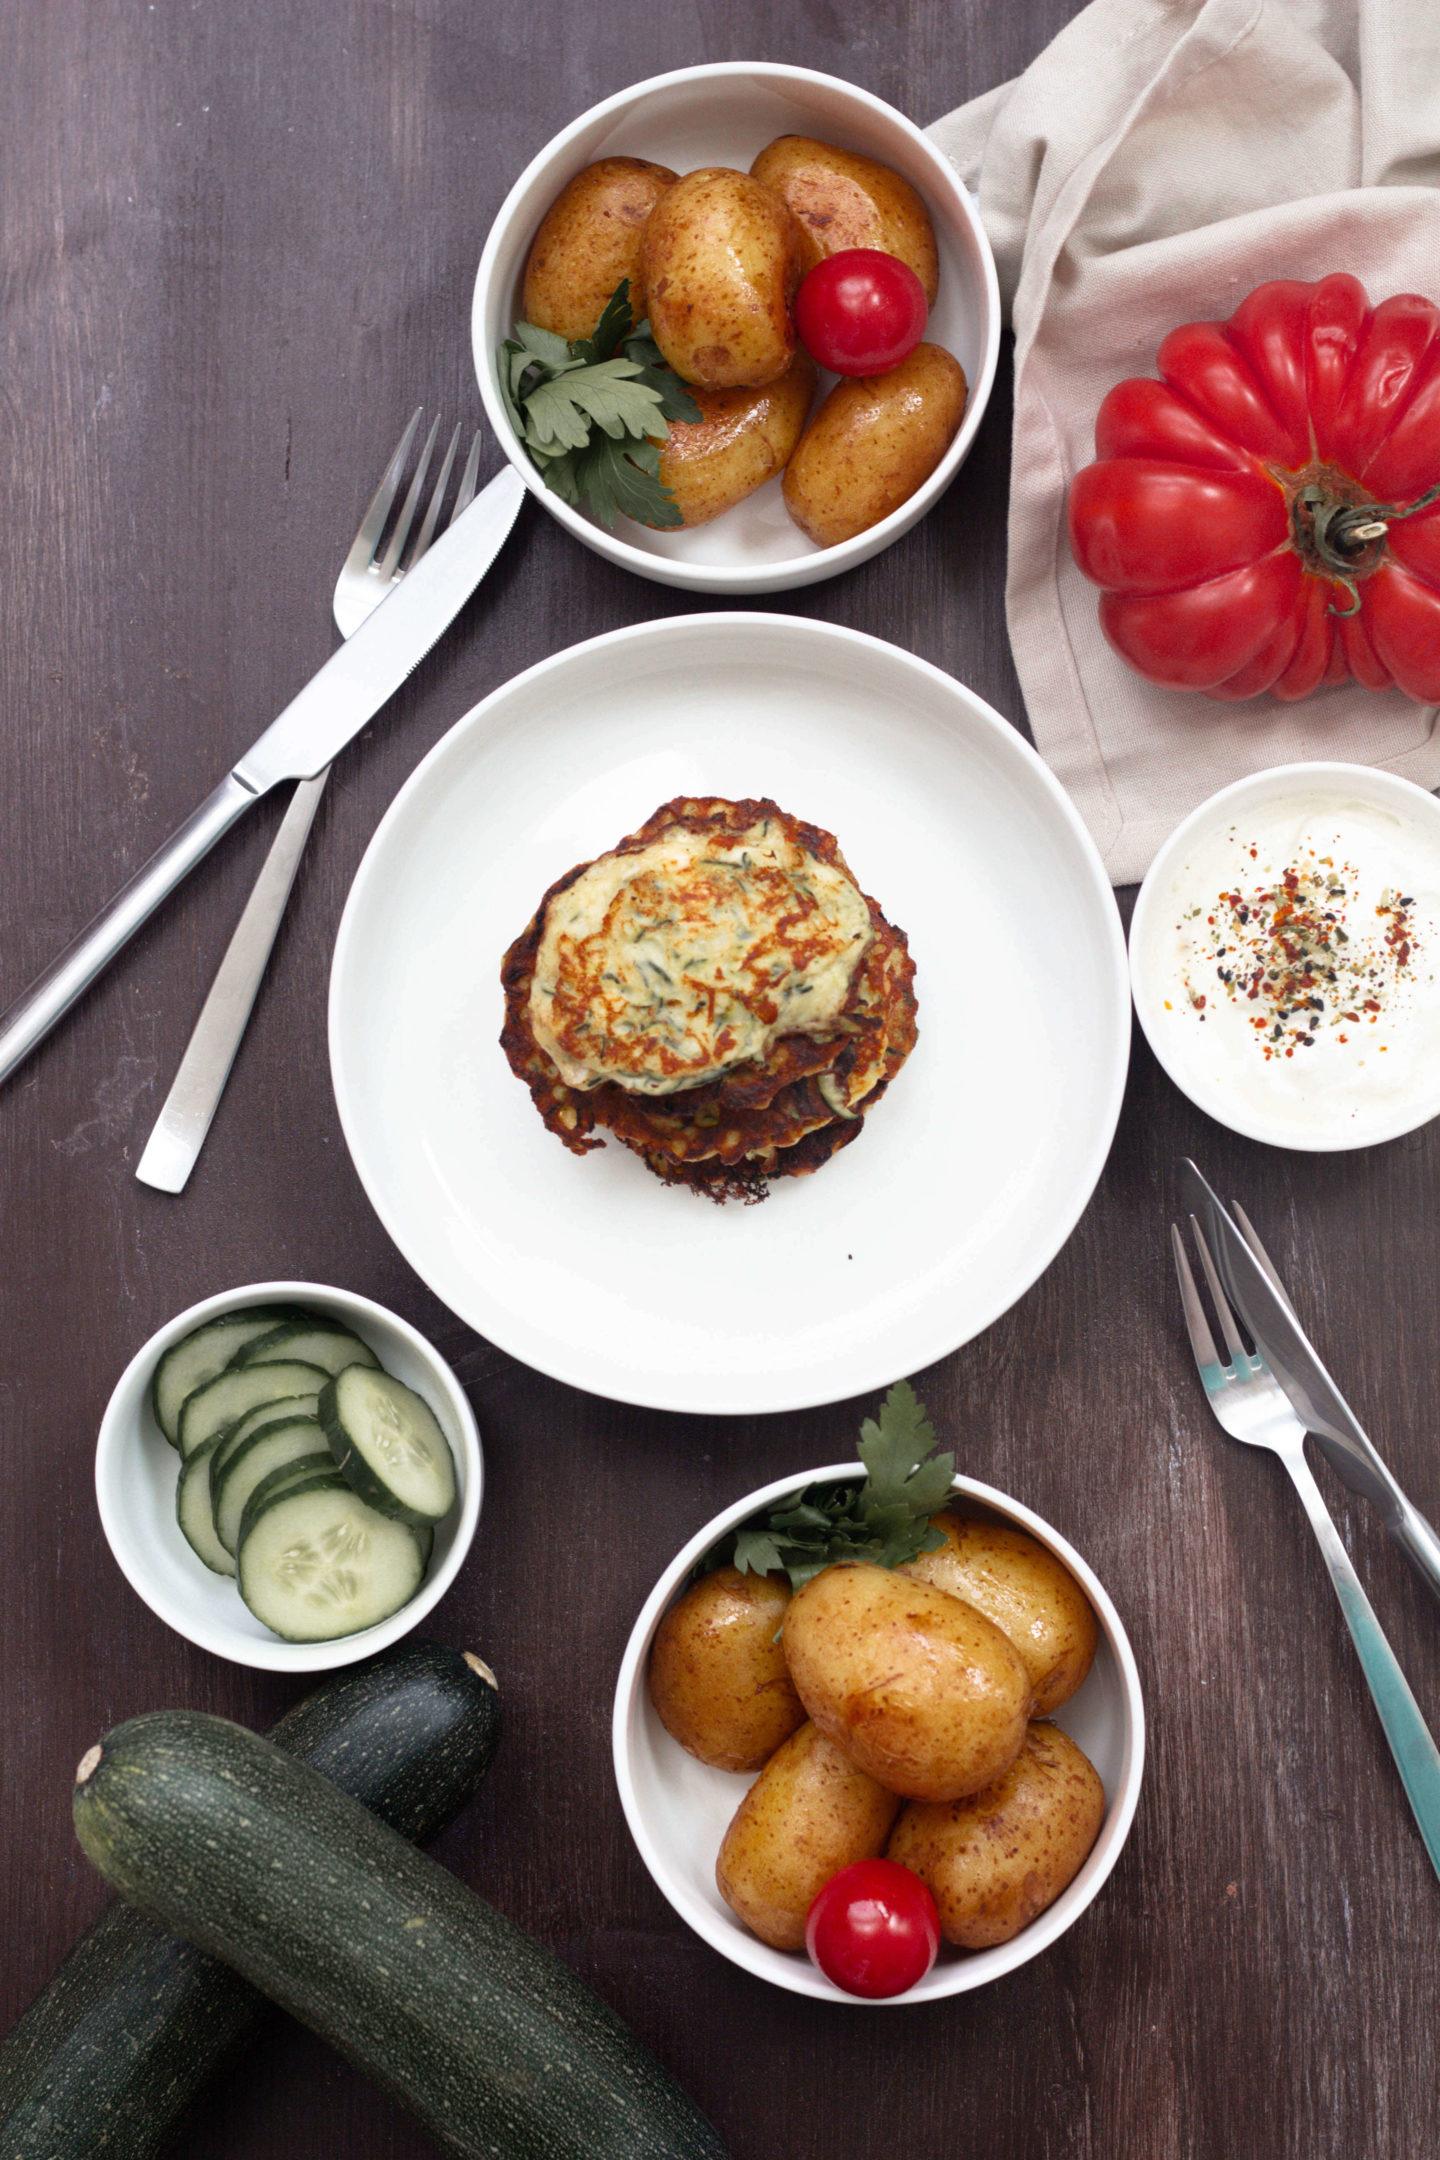 Schafkäse-Zucchinipuffer-Sommergemüse- Vegetarisch-Dein HomeSpa- Food & Wohlfühlblog aus dem Mostviertel